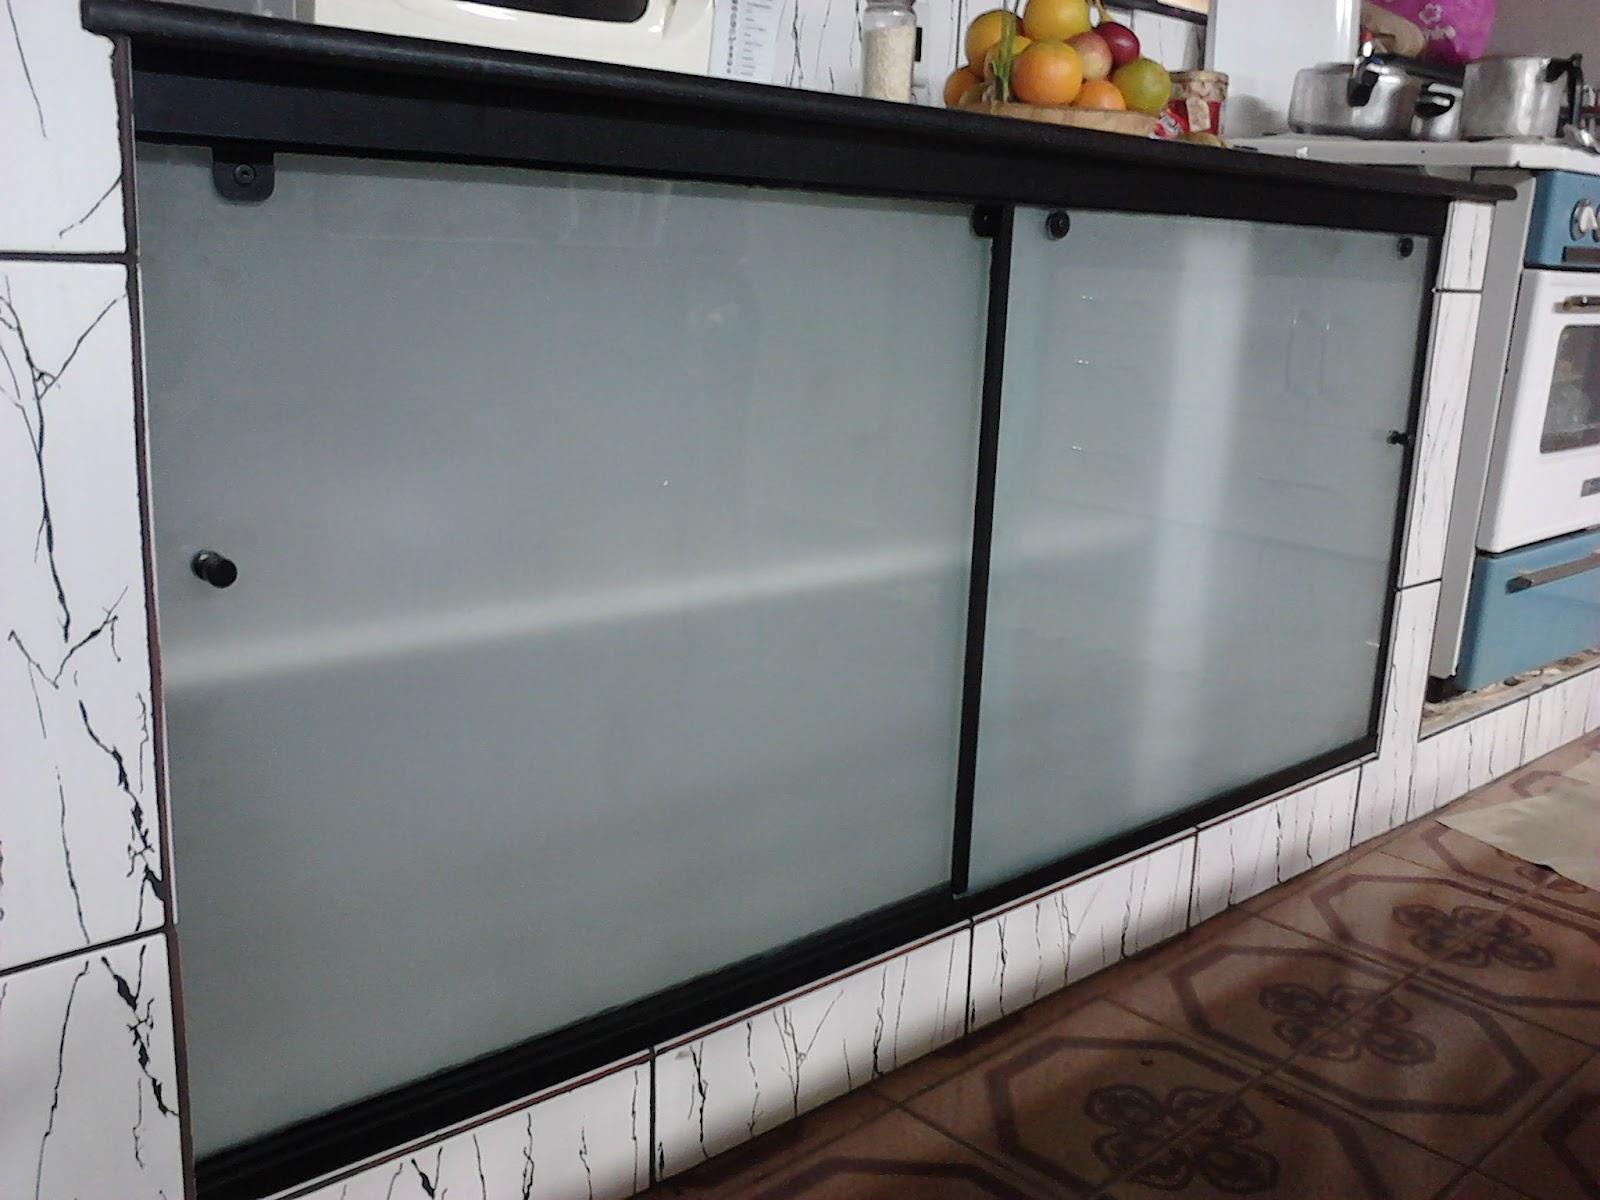 AF4 TEMPER VIDROS: Fechamento de pia com vidro jateado #7C6340 1600 1200